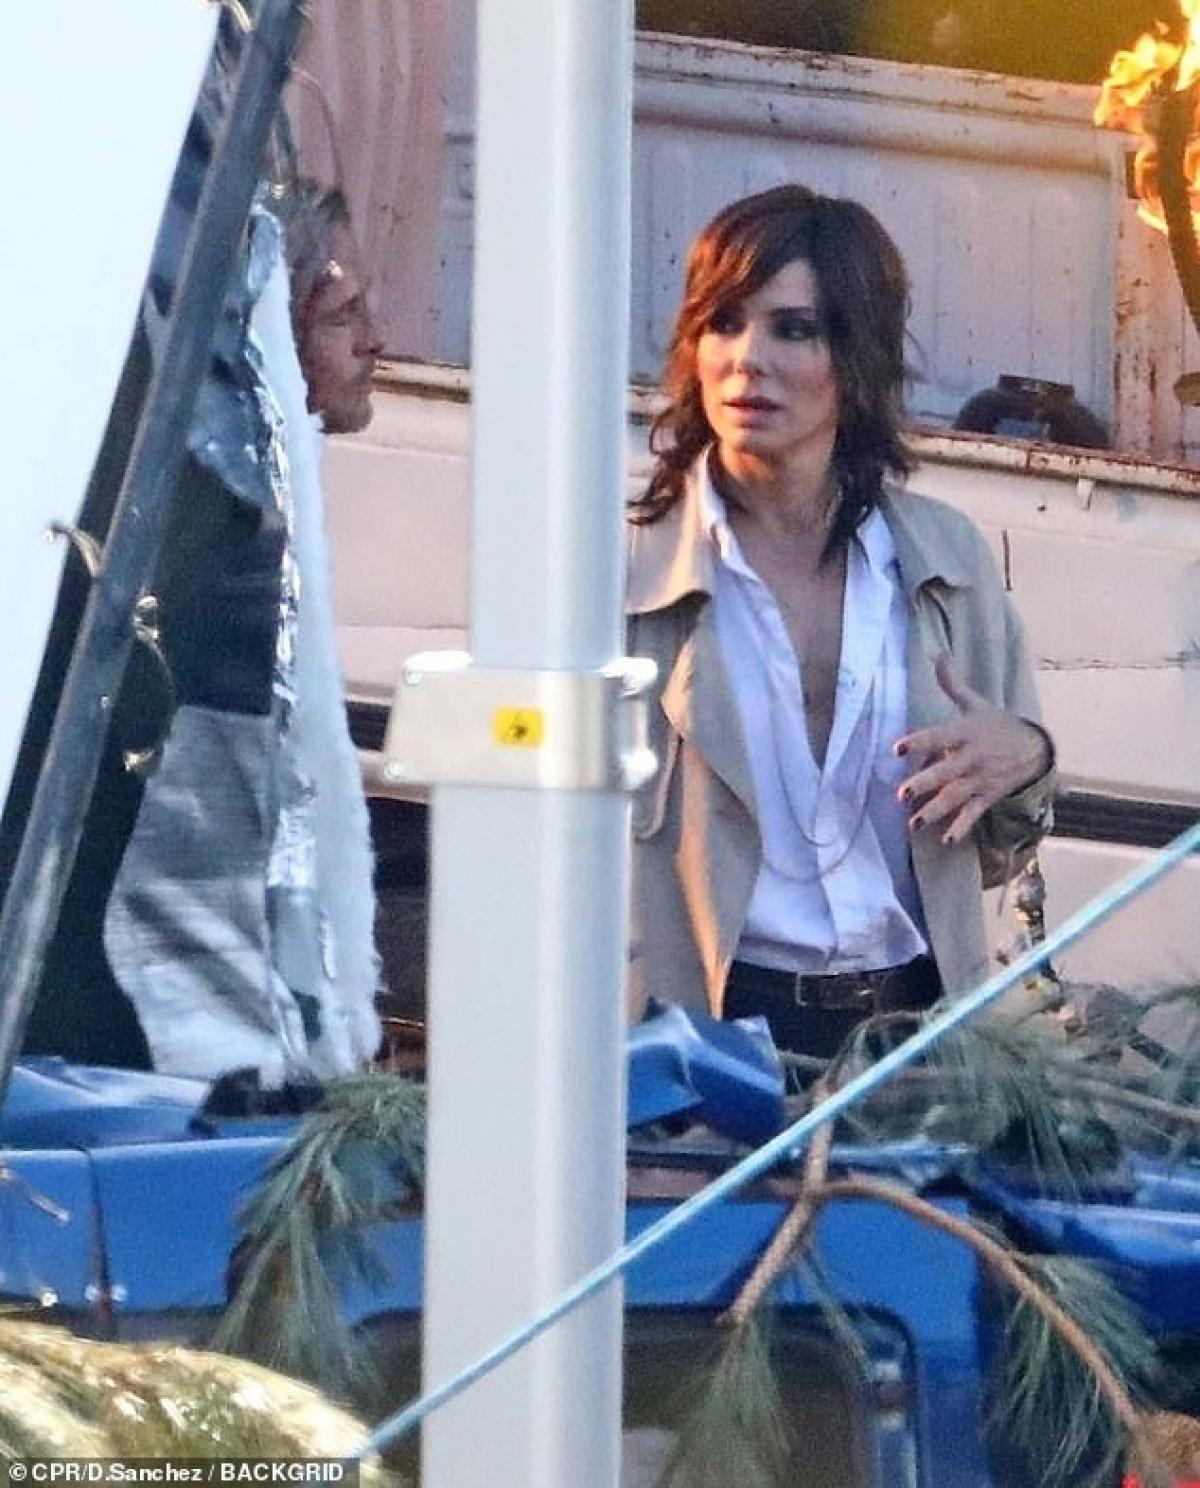 Chưa rõ vai trò của Bullock trong bộ phim này, tuy nhiên dựa vào trang phục công sở có thể đoán cô vào vai một đặc vụ chính phủ. Đây là lần đầu tiên Brad Pitt và Sandra Bullock tham gia một bộ phim cùng nhau.